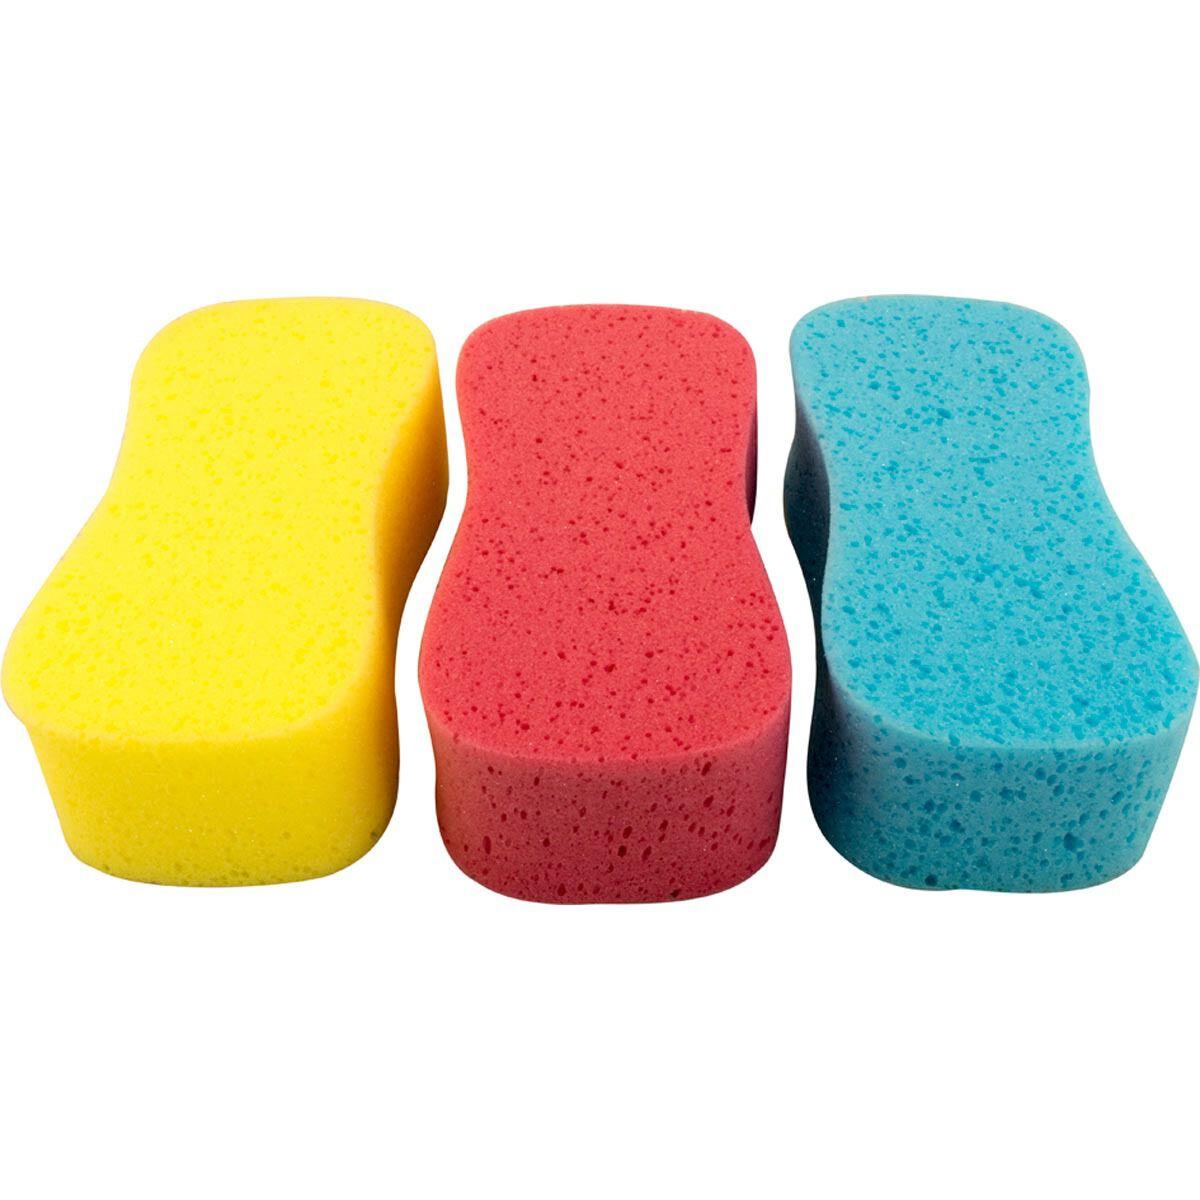 Pack of 3 Jumbo Sponges